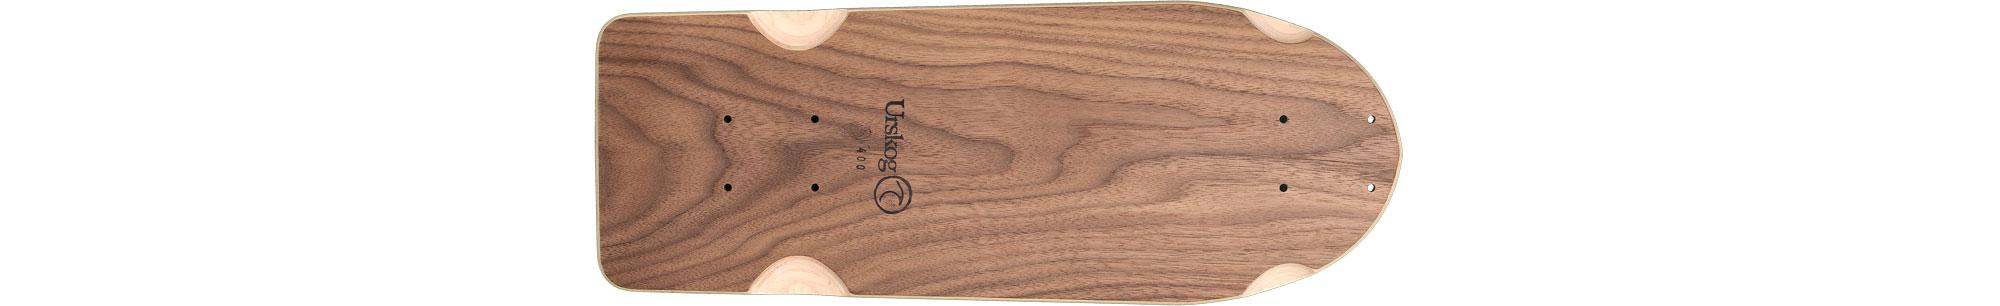 Frö, deck only in walnut